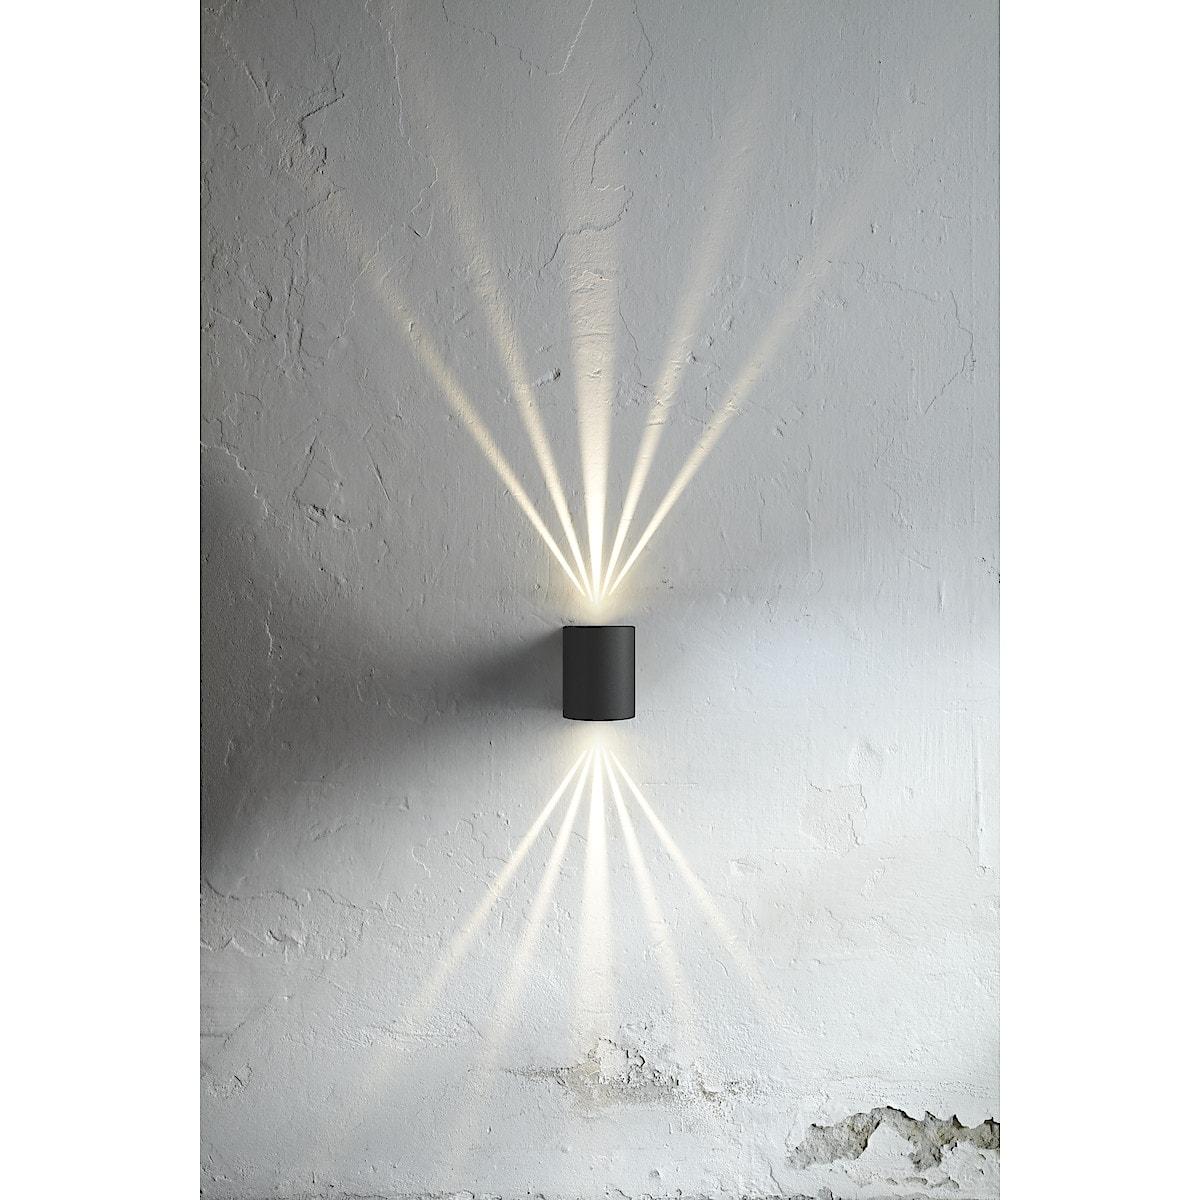 Seinäkohdevalaisin LED Canto Nordlux